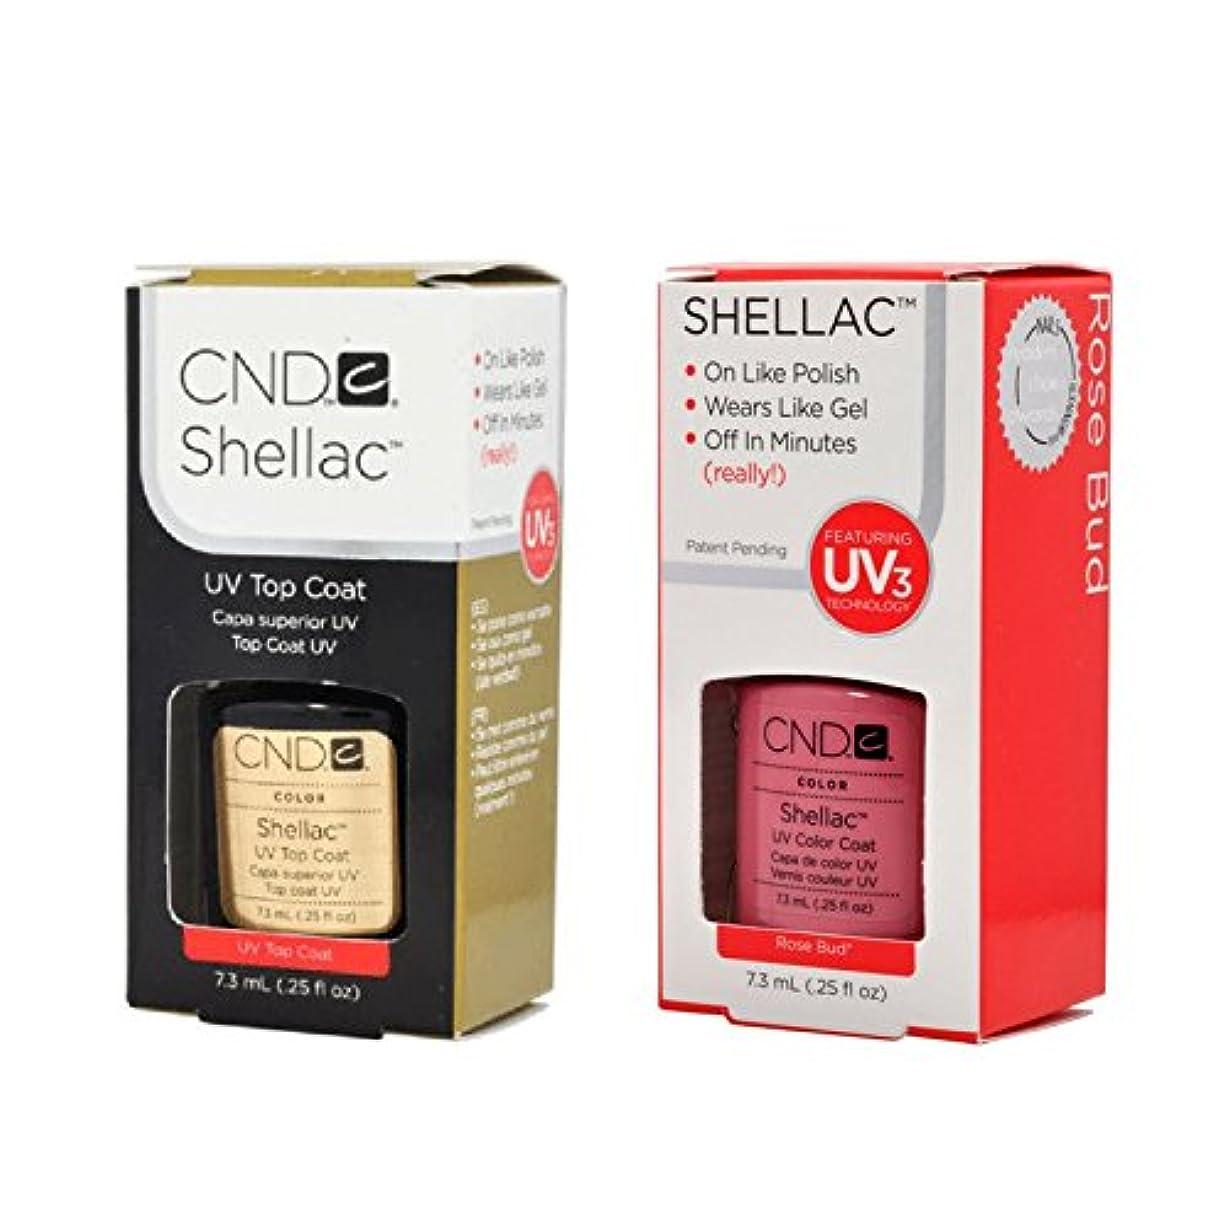 所得人気の純度CND Shellac UVトップコート 7.3m l  &  UV カラーコー< Rose Bud>7.3ml [海外直送品]